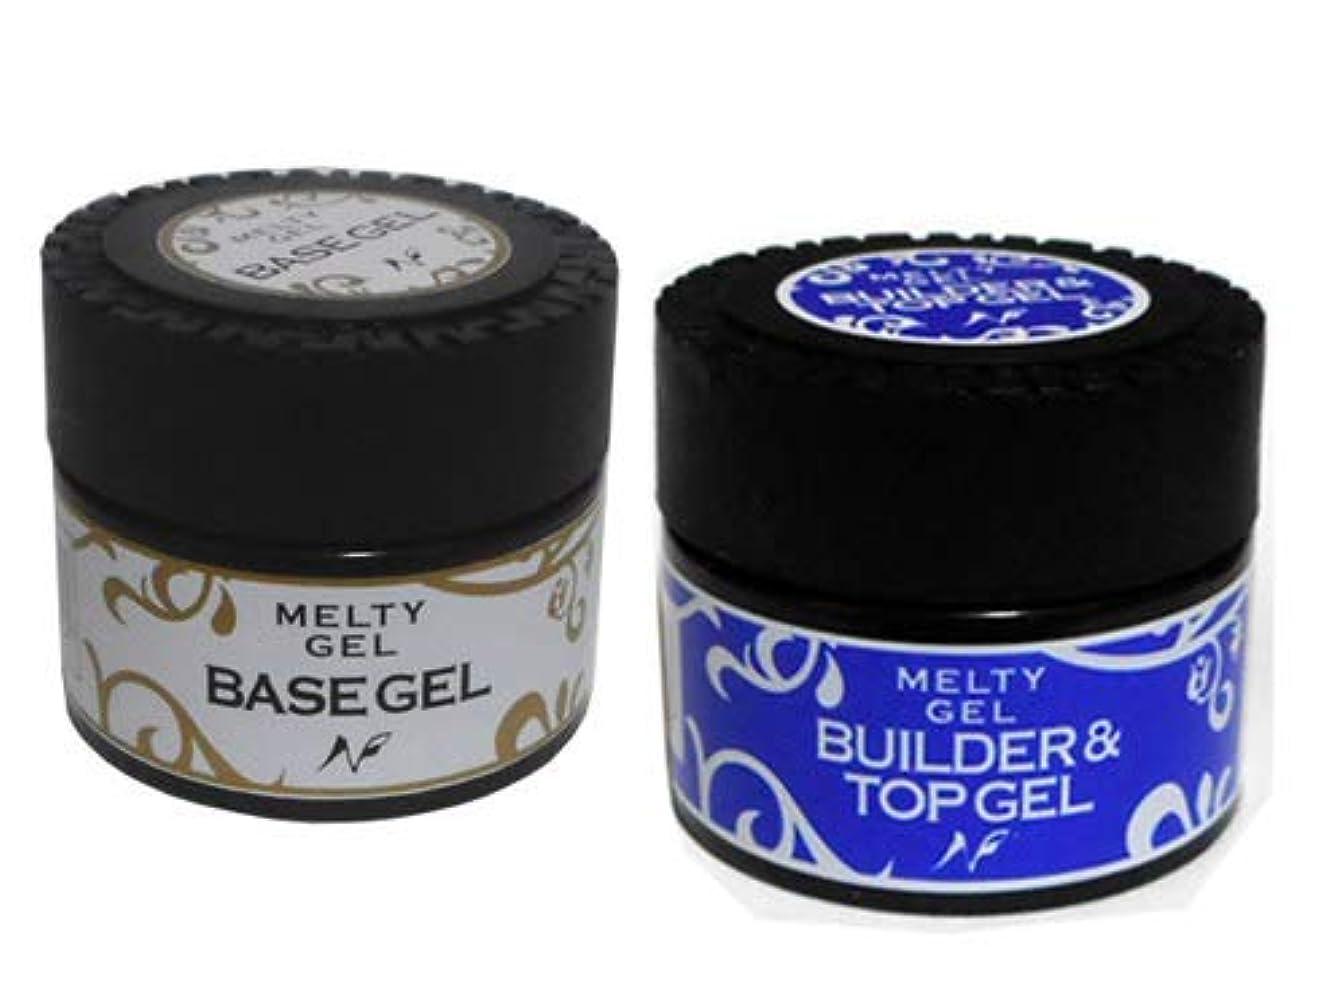 鉱夫独裁困惑Melty Gel ベースジェル 14g UV/LED対応 + ビルダー&トップジェル UV/LED対応 セット